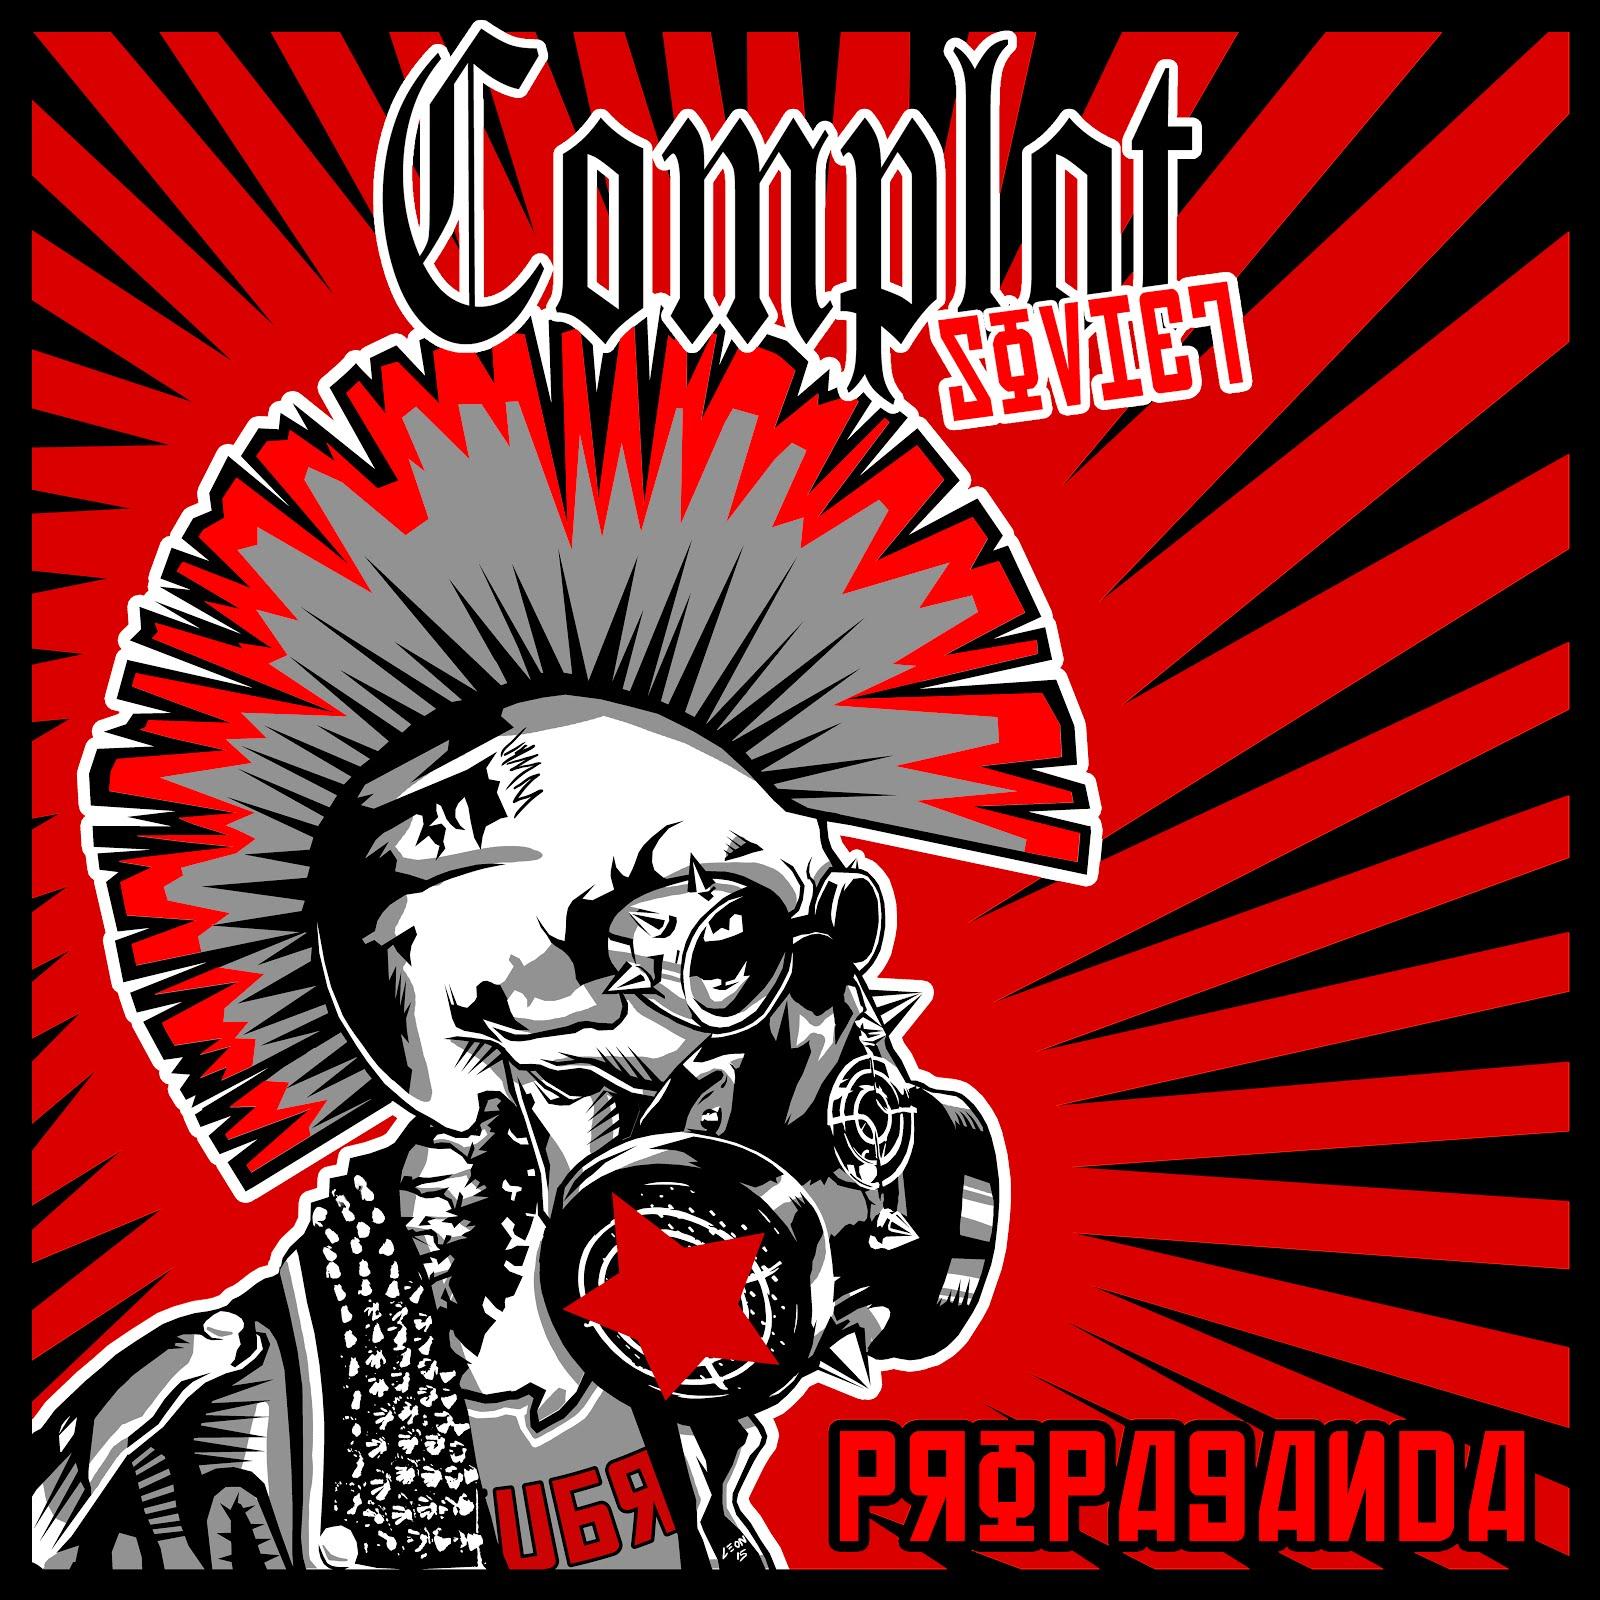 Nuevo álbum COMPLOT SOVIET - PROPAGANDA gratis!